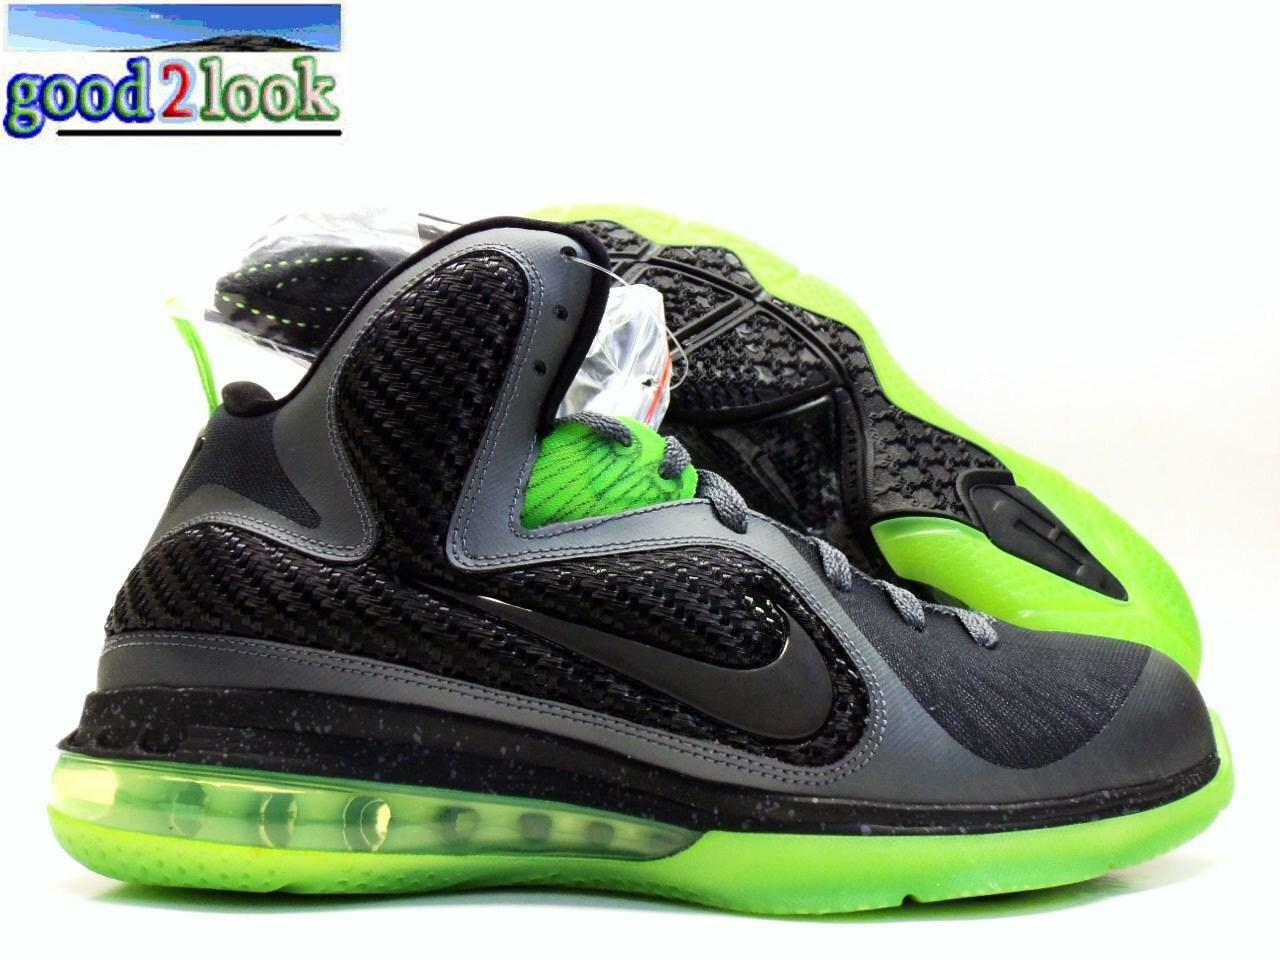 Nike lebron 9 dunkman grigio scuro / nero-volt dunkman dimensioni uomini 10 [469764-006]